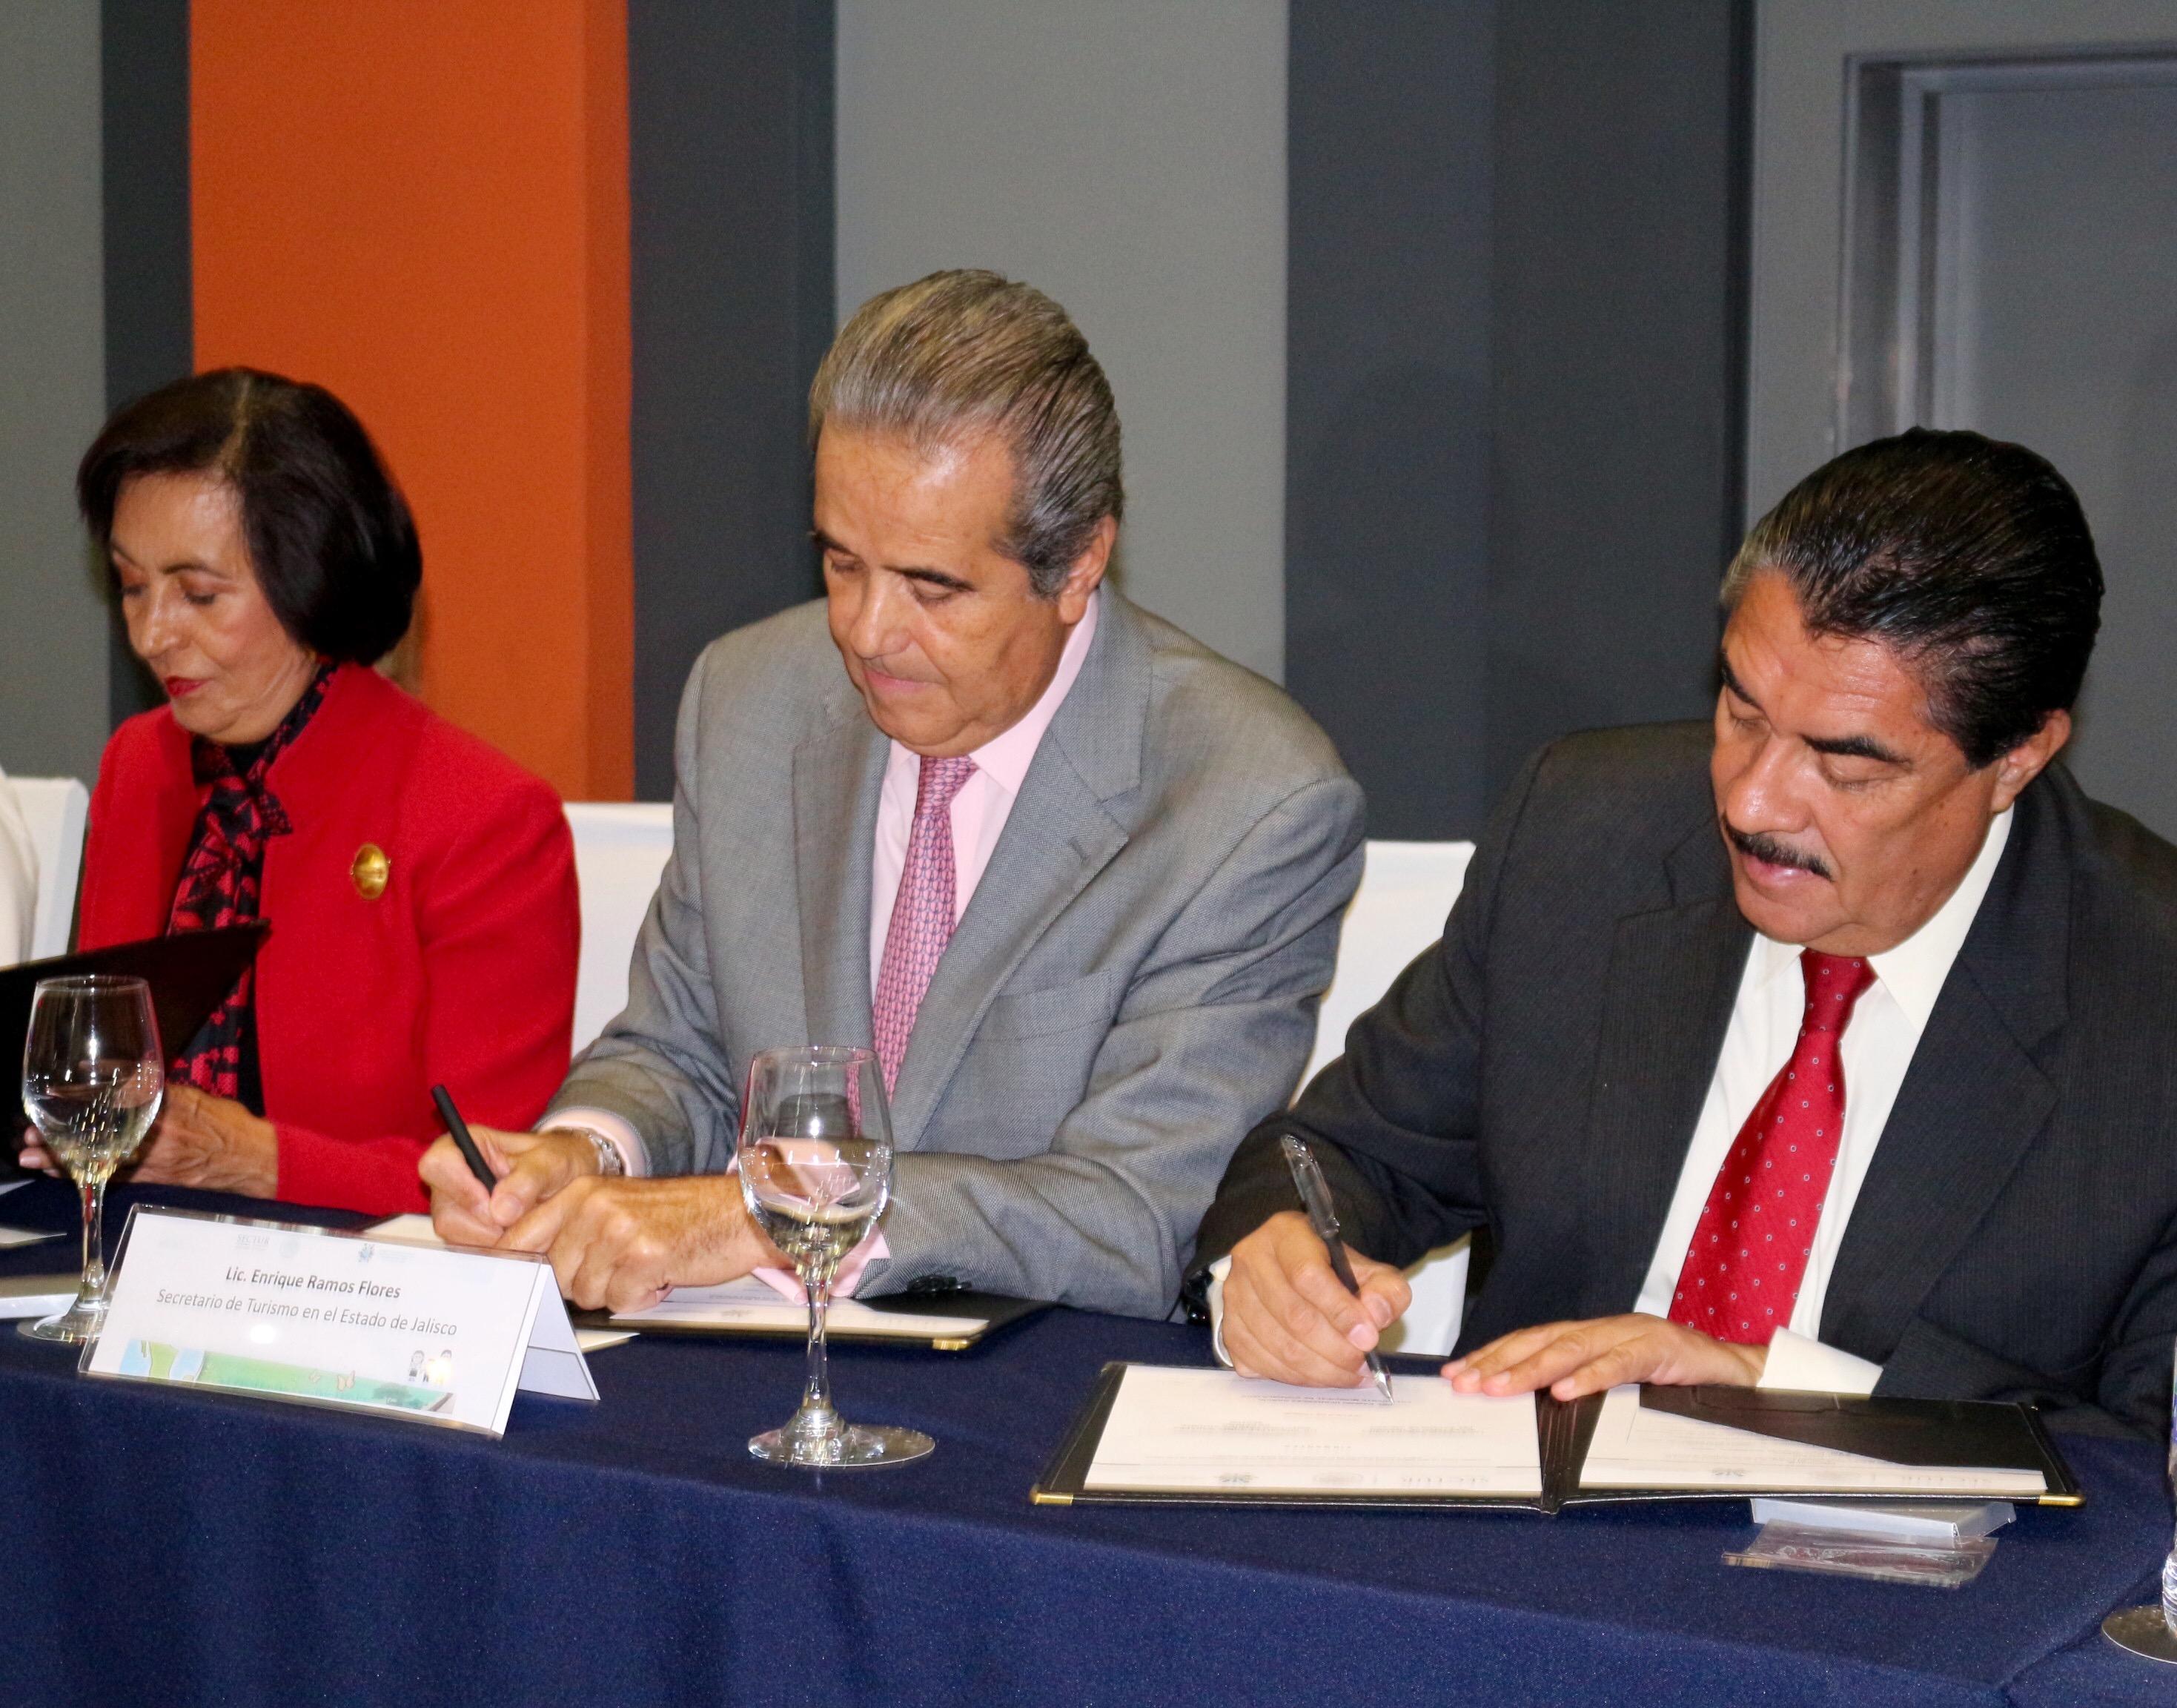 Dos hombre de traje y una mujer se encuentran firmando un papel